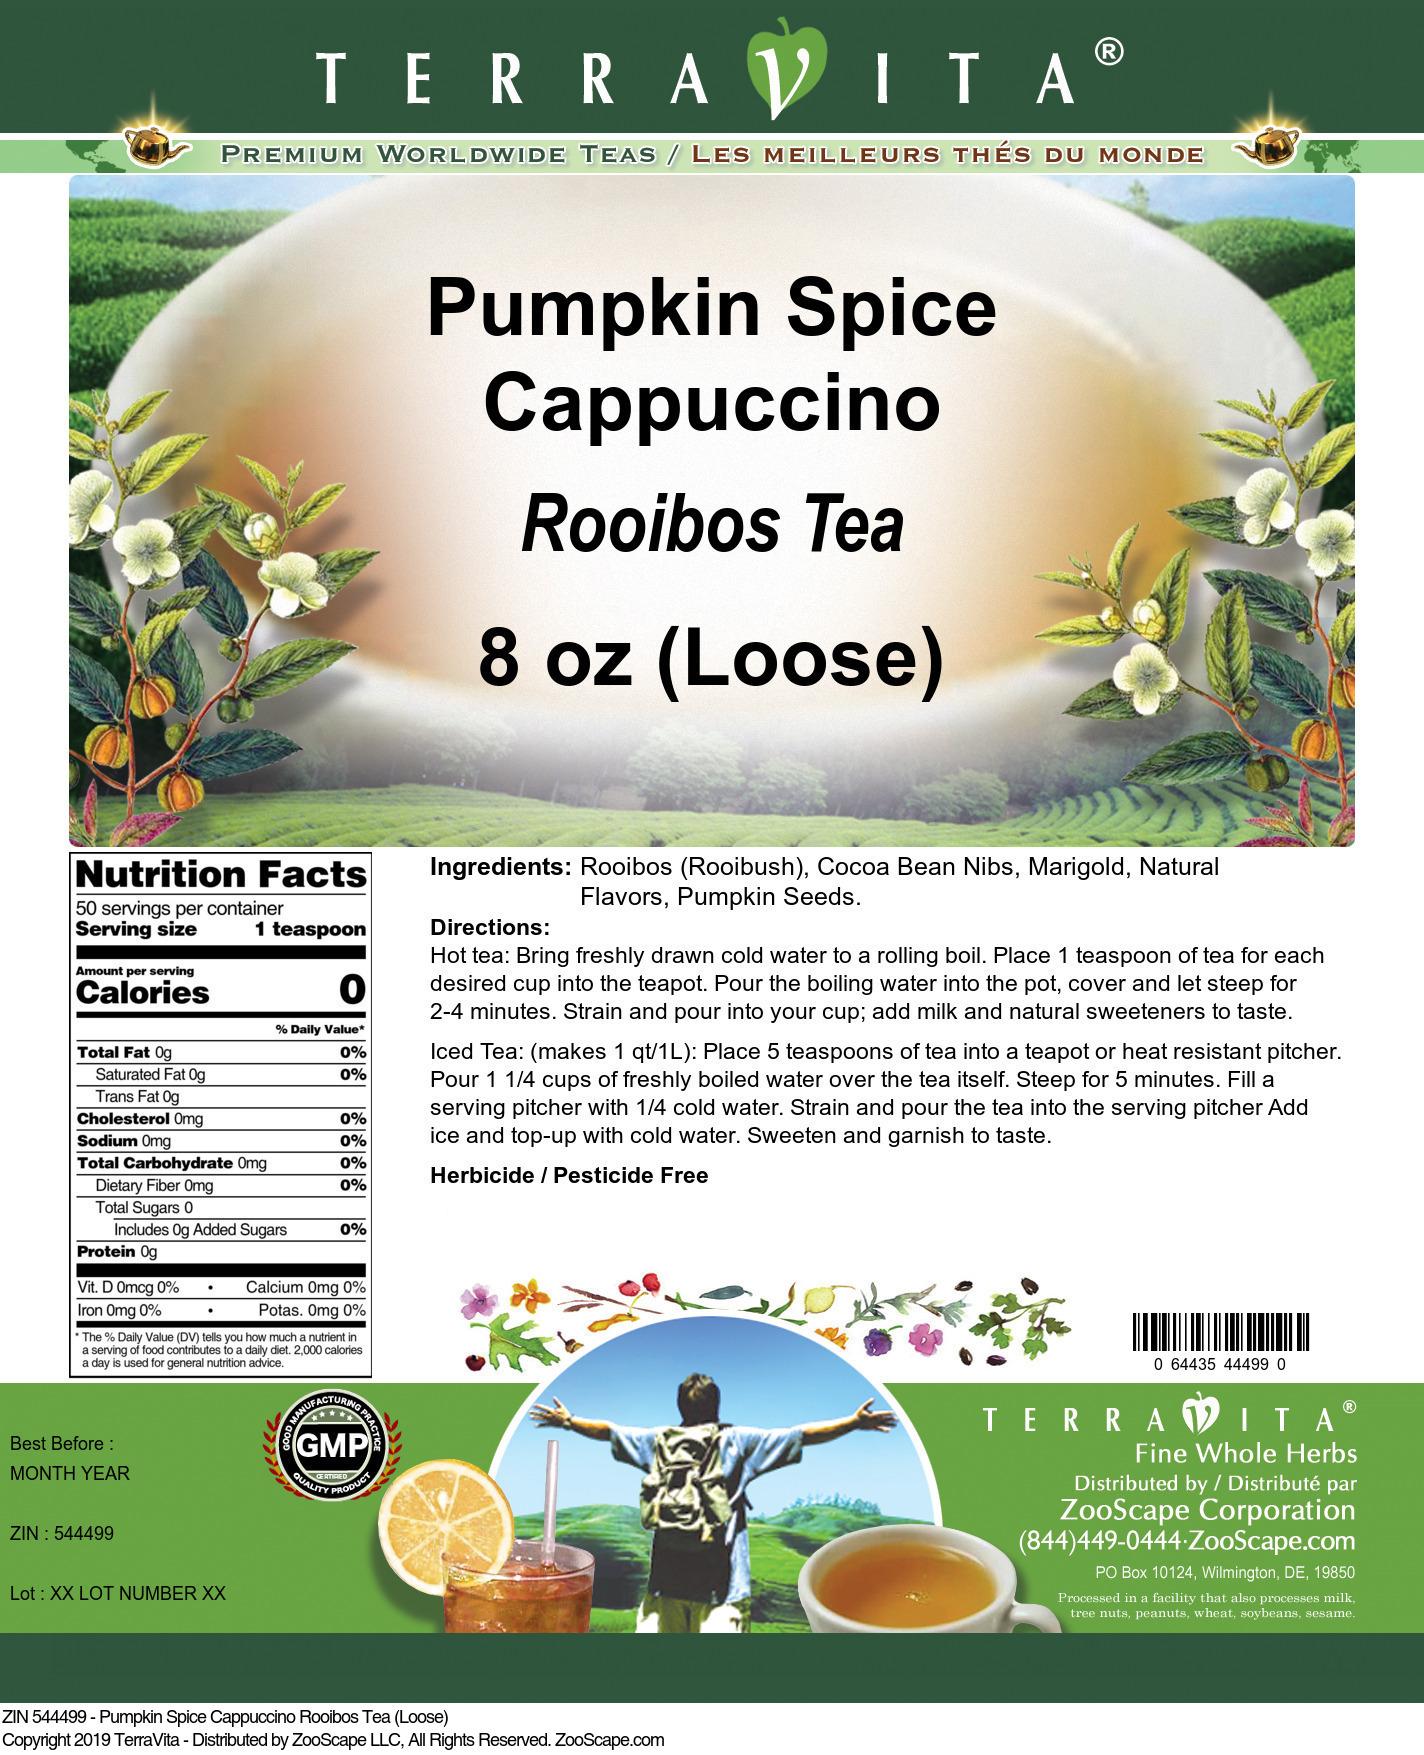 Pumpkin Spice Cappuccino Rooibos Tea